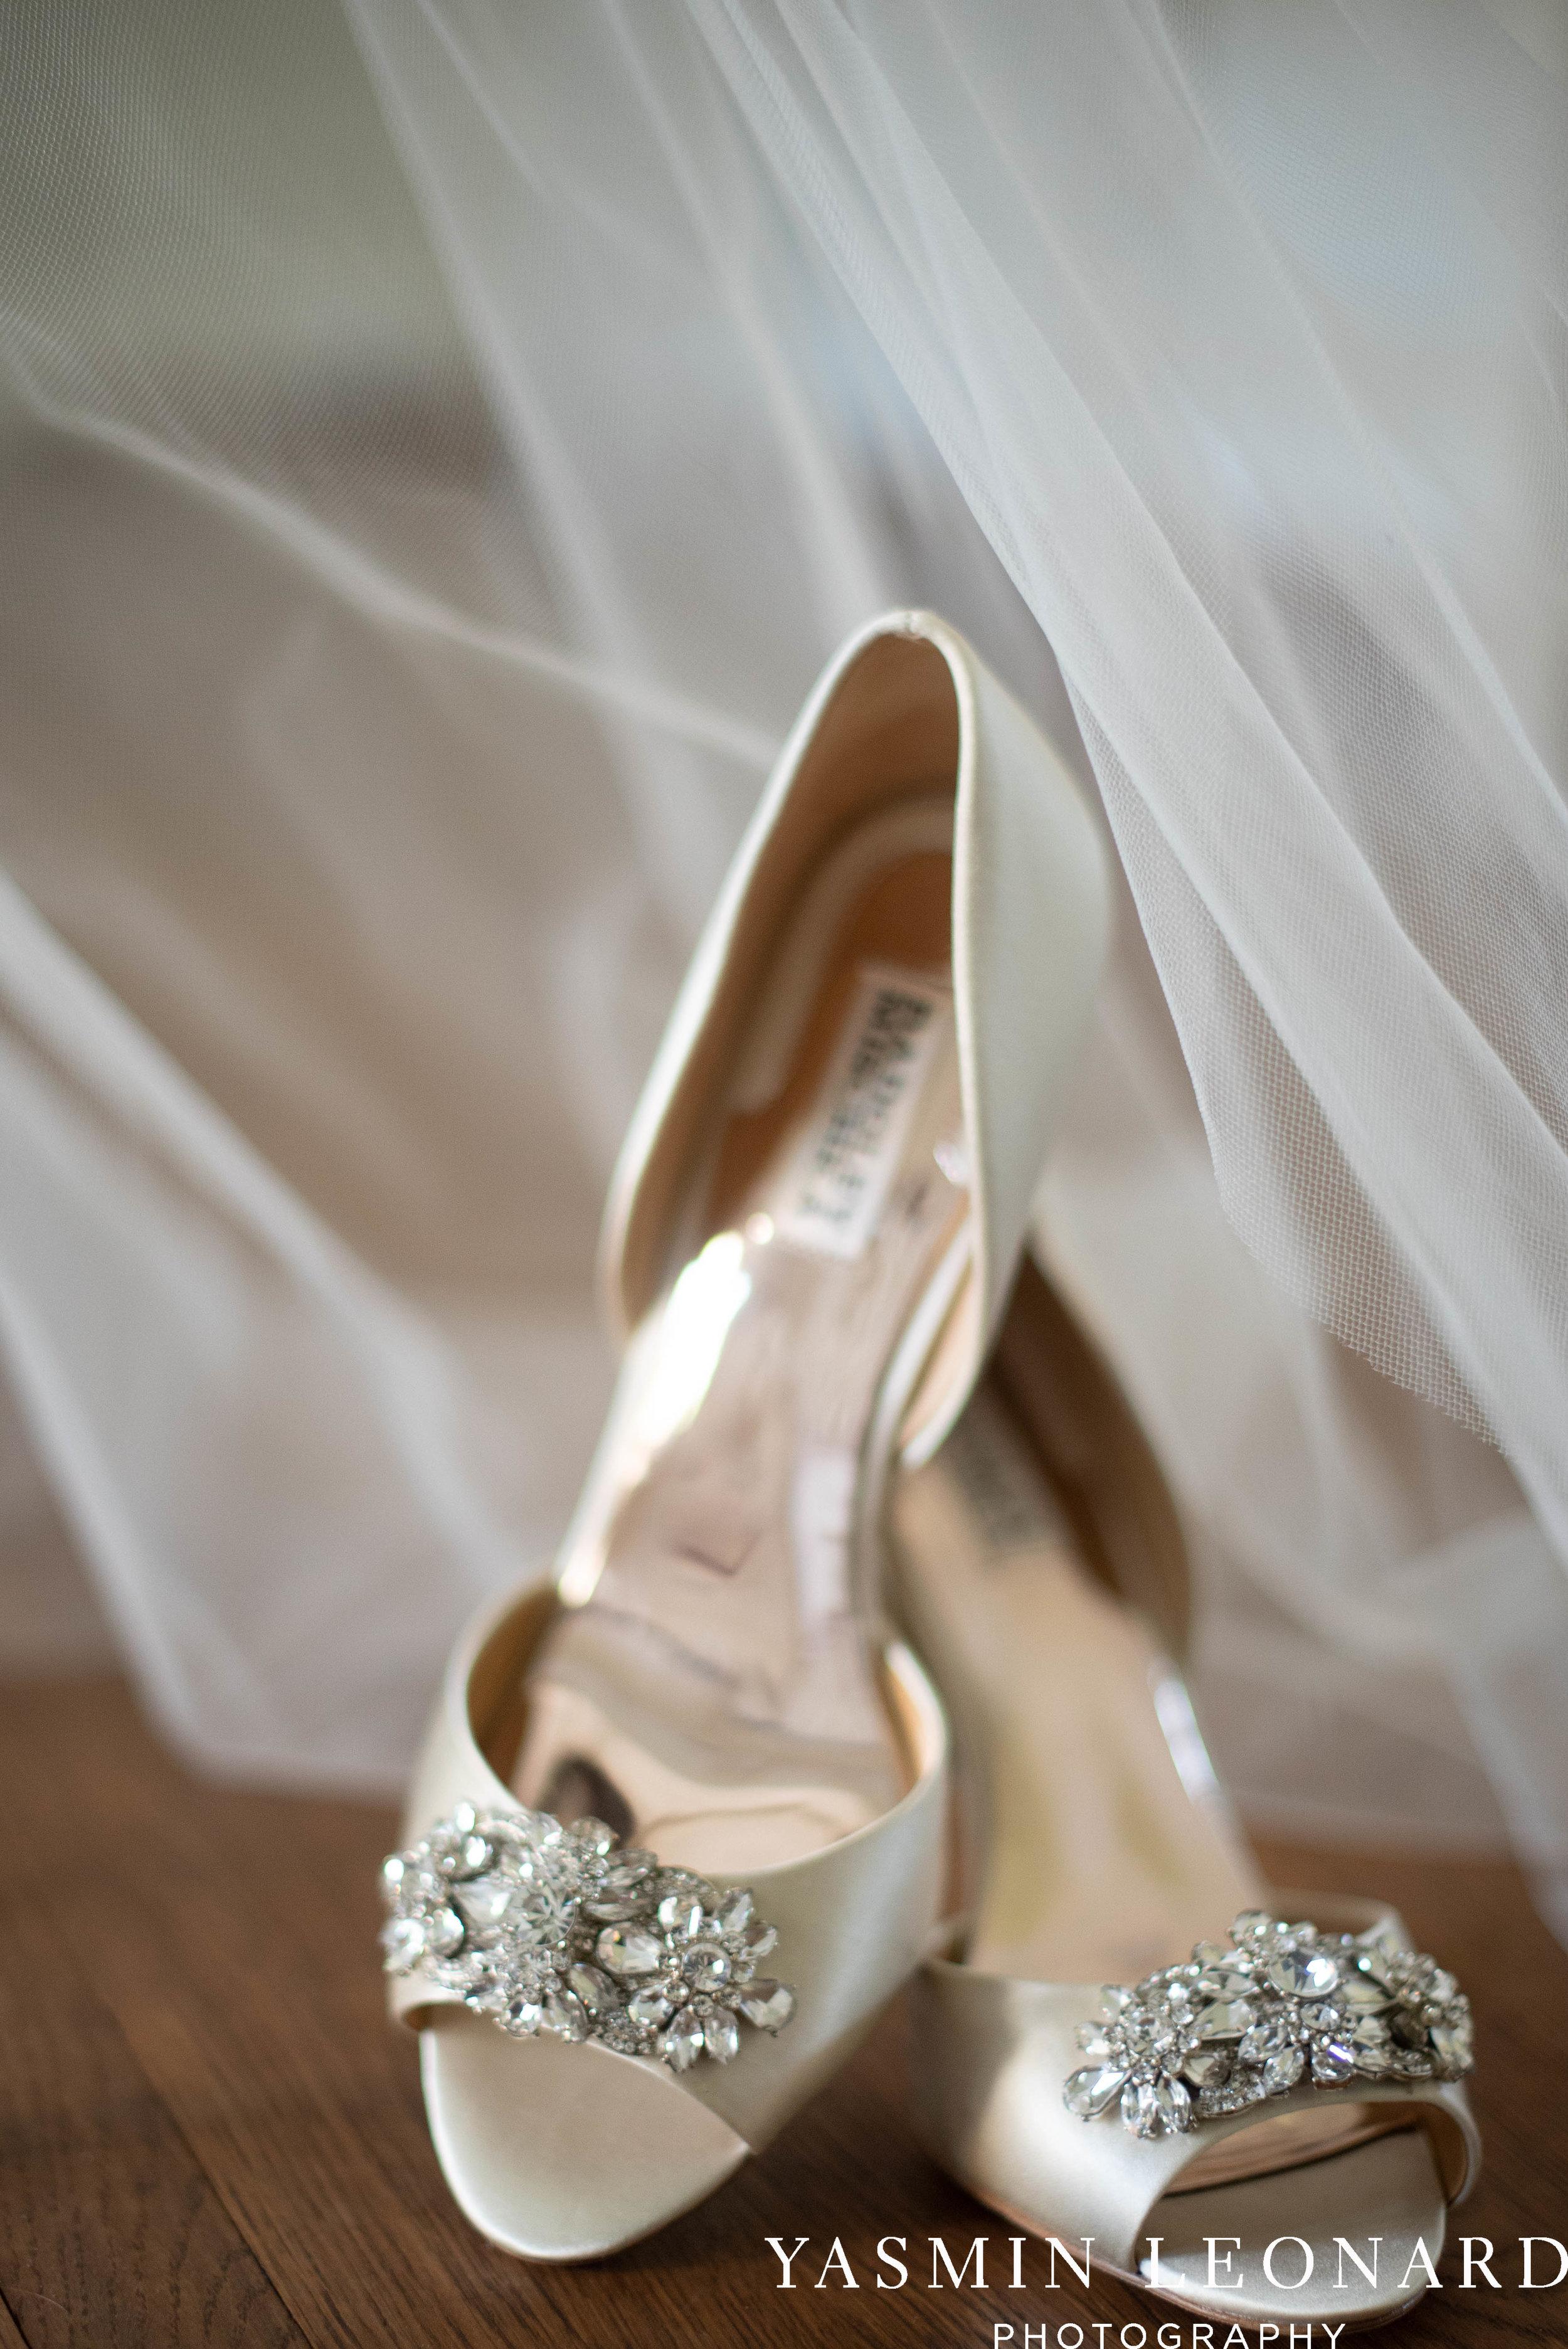 Wesley Memorial United Methodist Church - EmeryWood - High Point Weddings - High Point Wedding Photographer - NC Wedding Photographer - Yasmin Leonard Photography-3.jpg